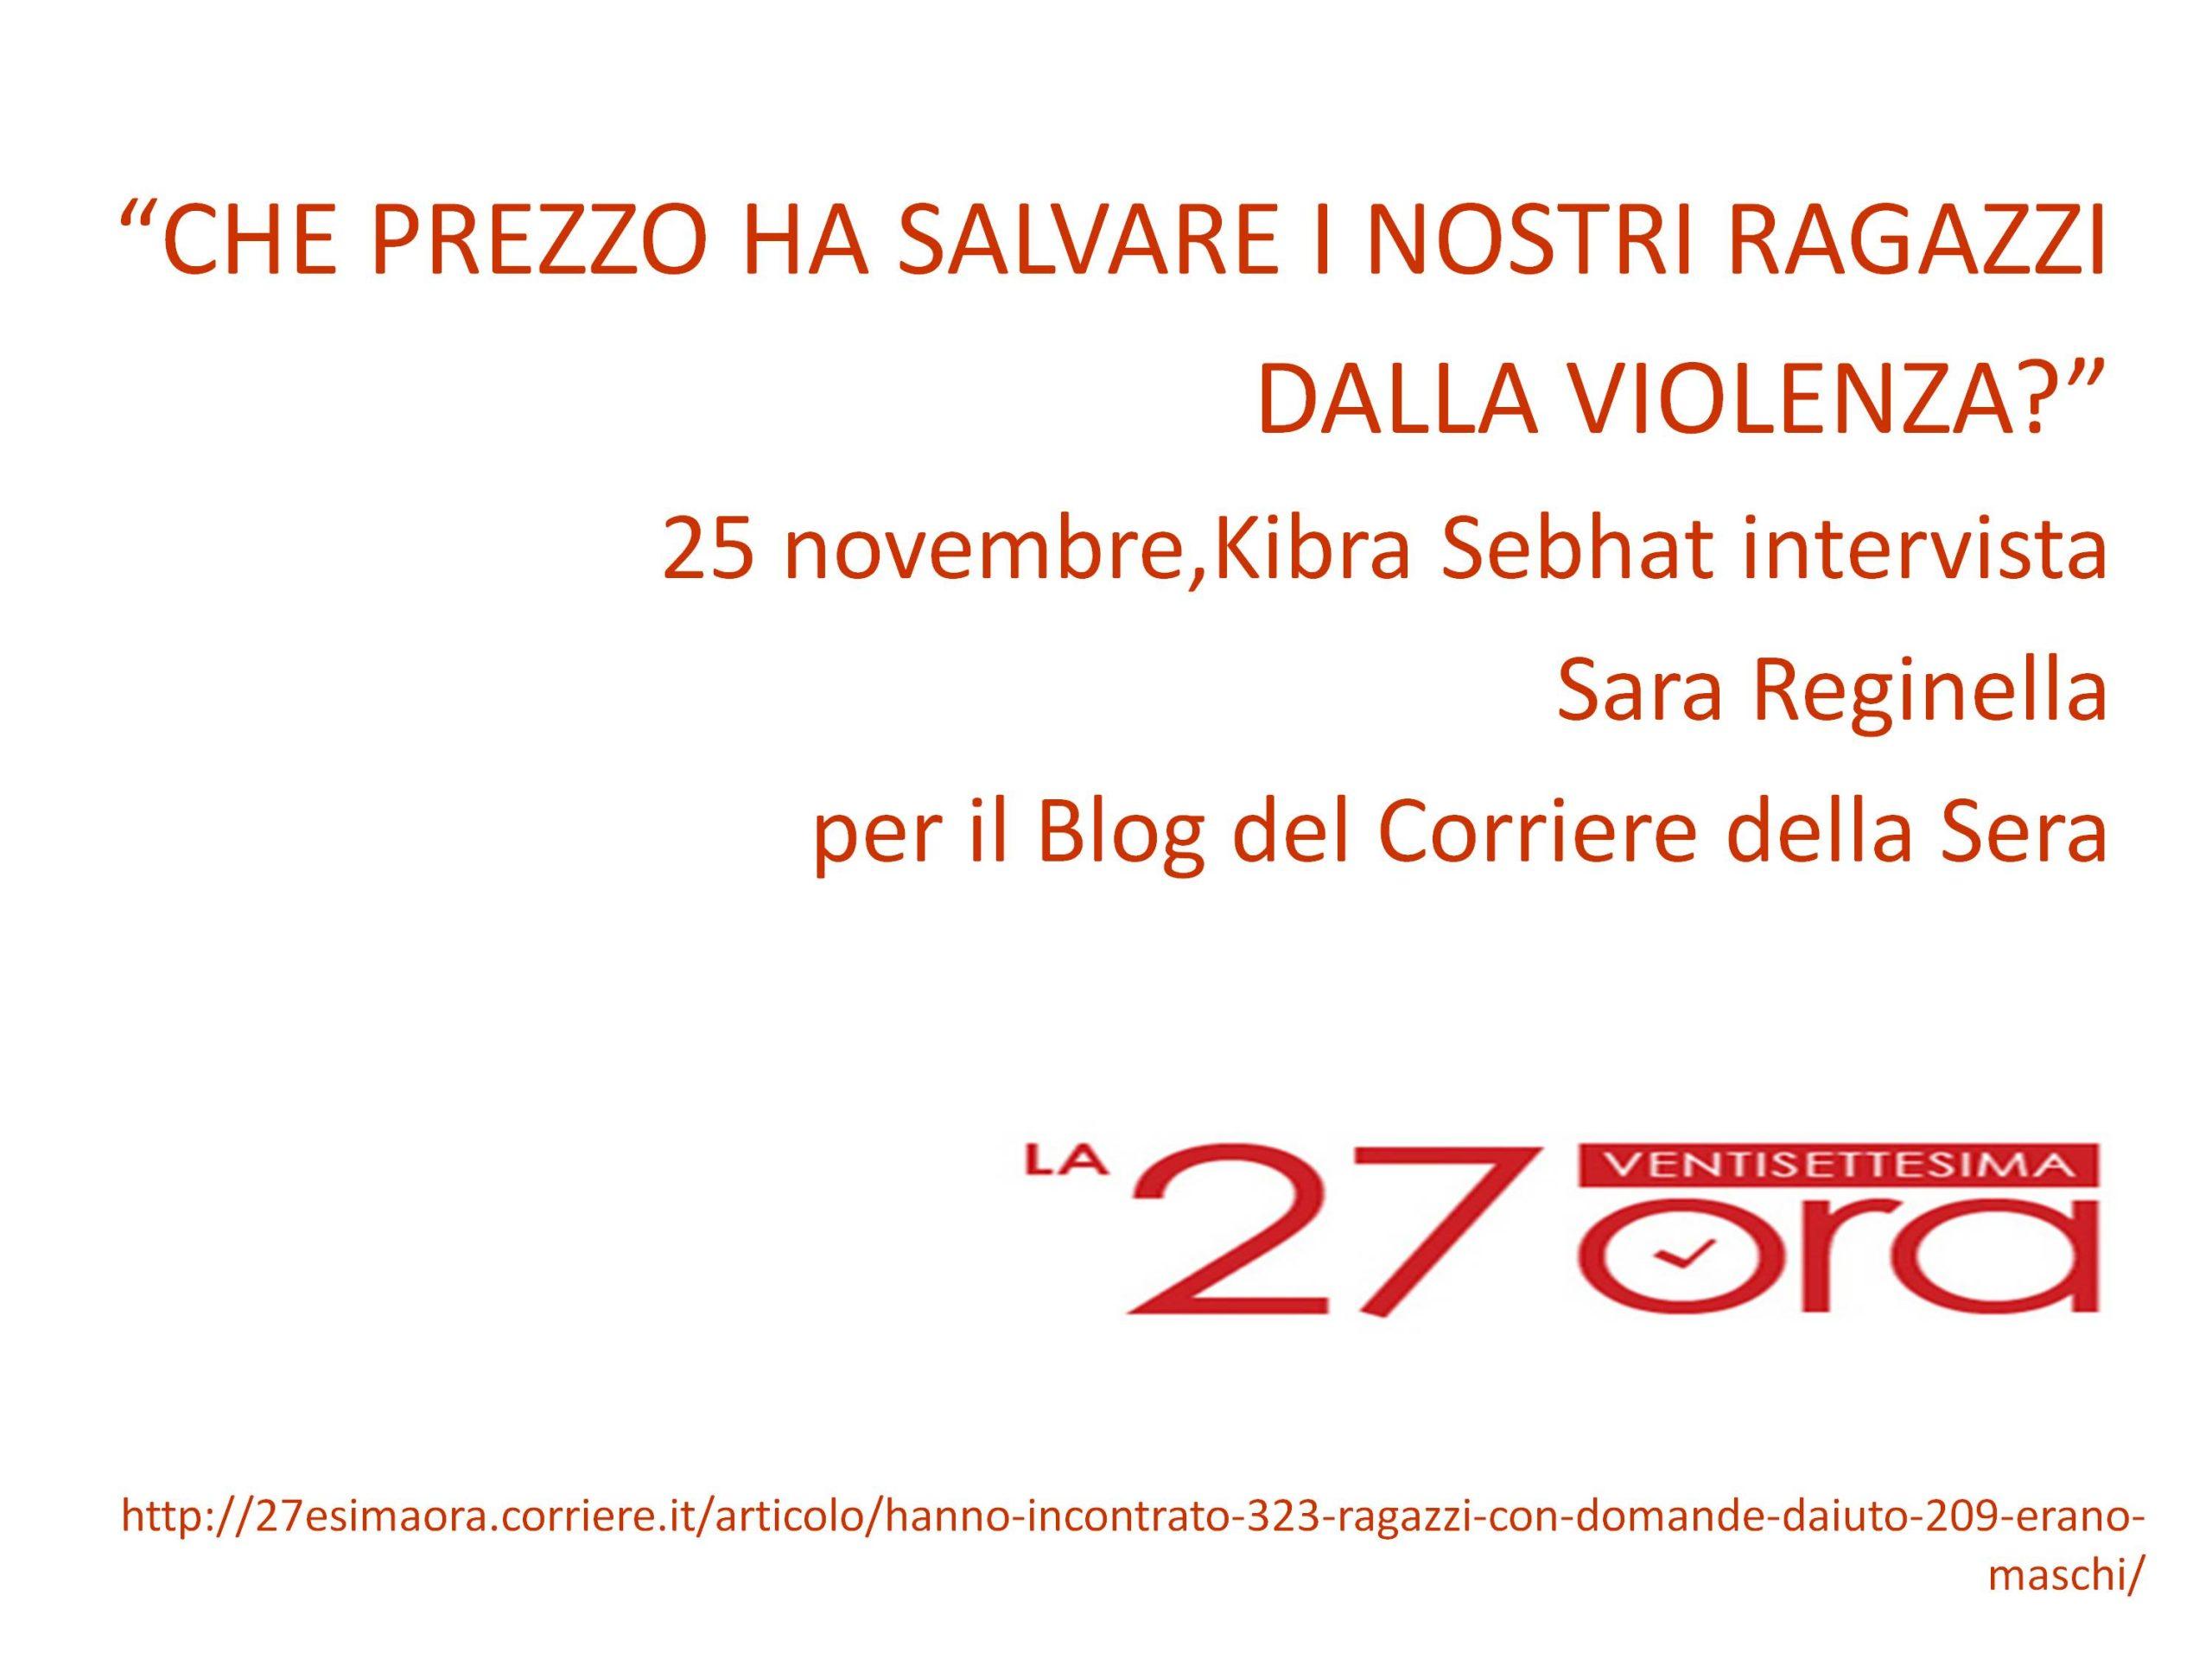 Nuova intervista a Sara Reginella per il blog del Corriere della Sera